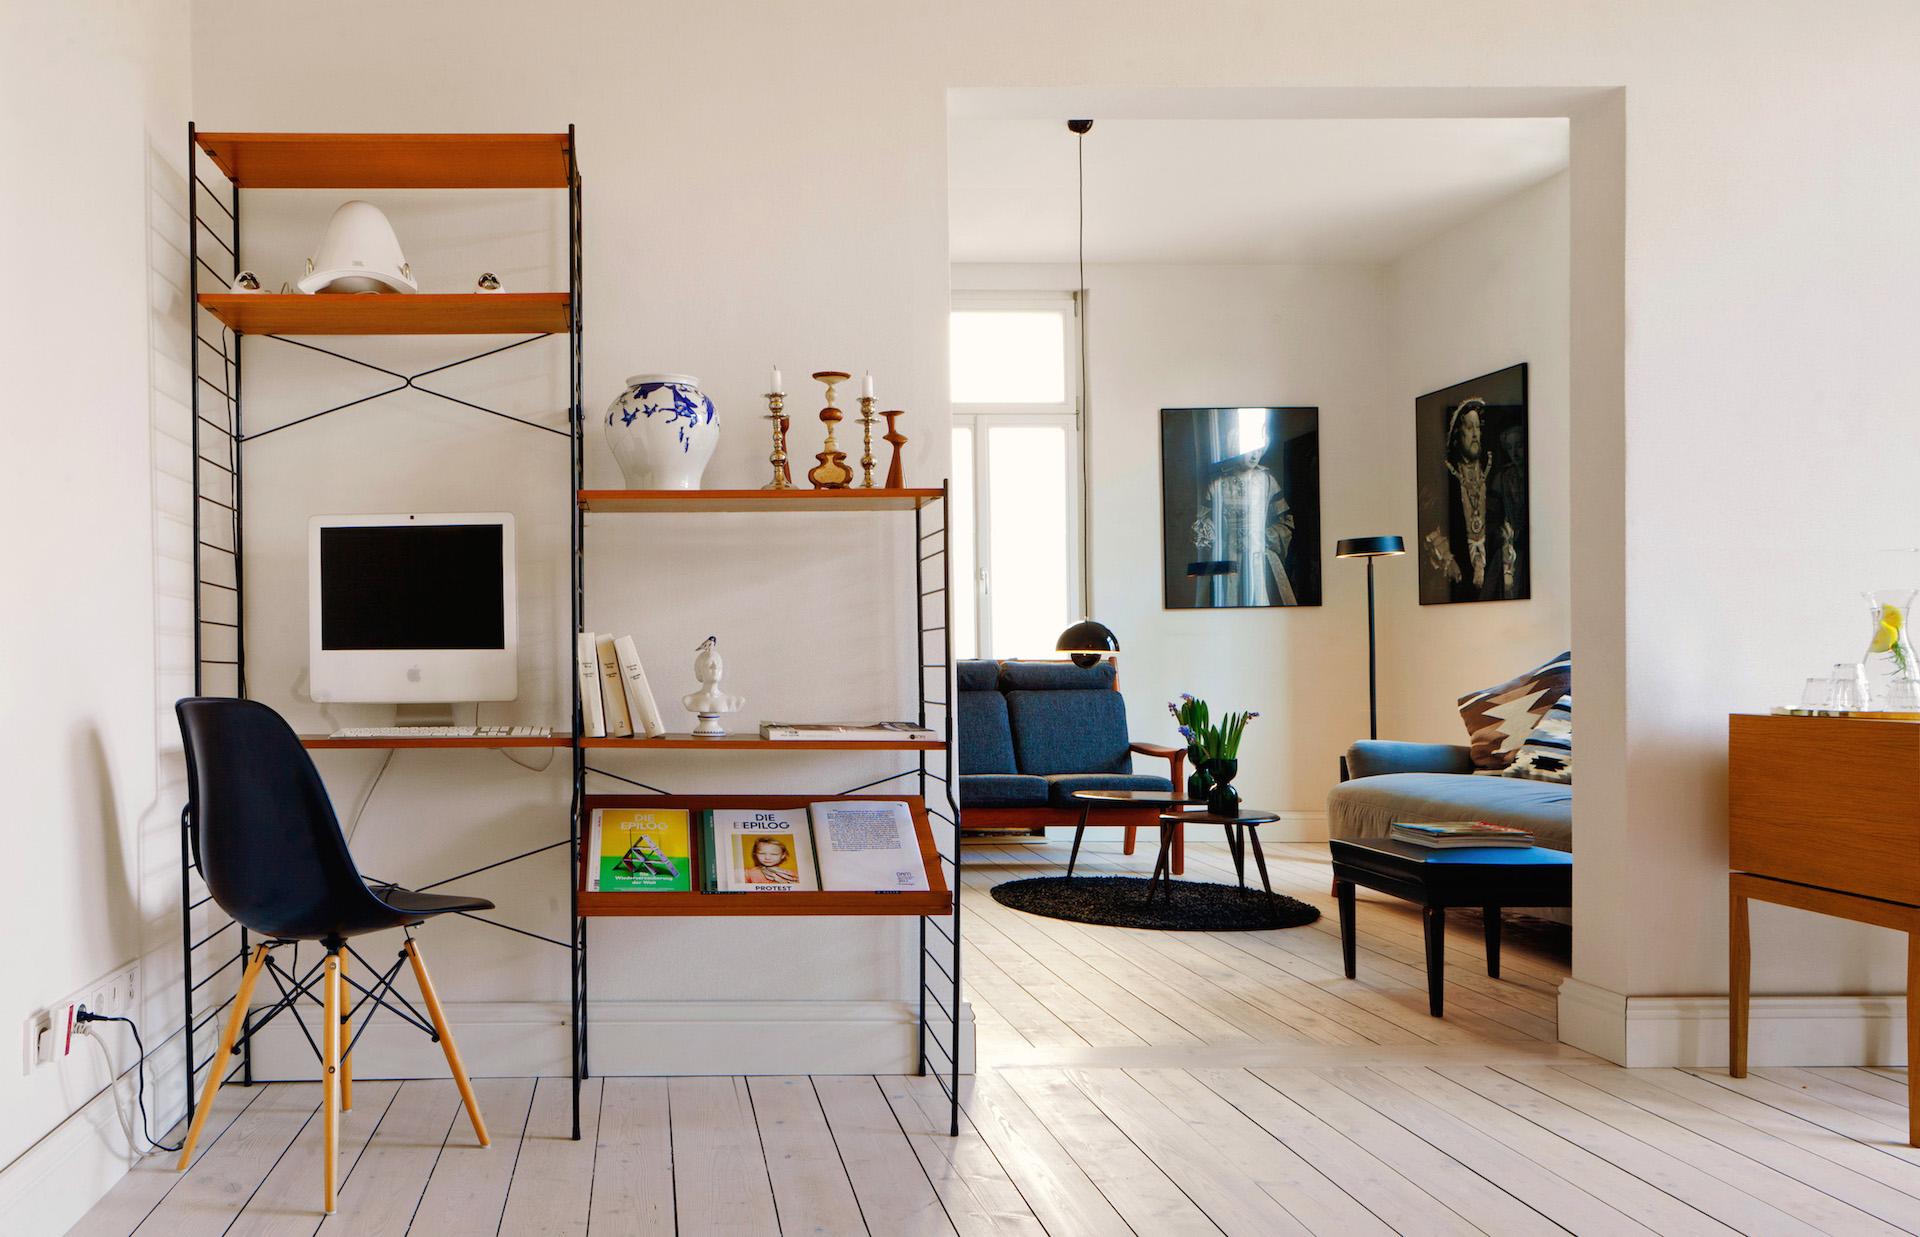 design apartments weimar ferienwohnung weimar. Black Bedroom Furniture Sets. Home Design Ideas